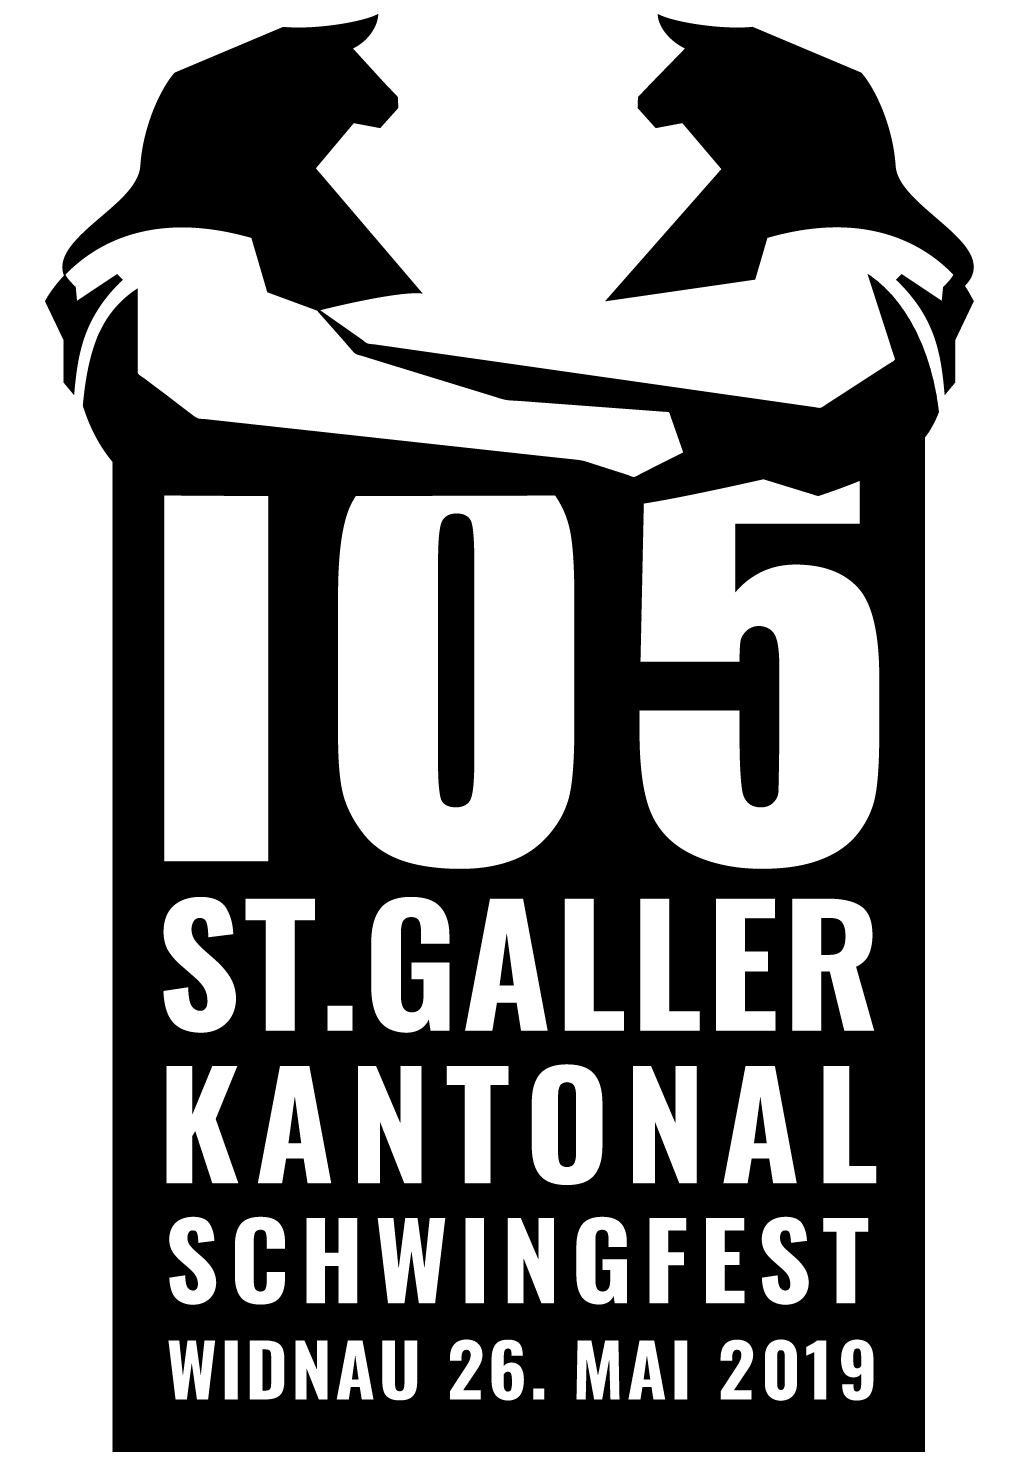 105. St. Galler Kantonal Schwingfest | 26. Mai 2019